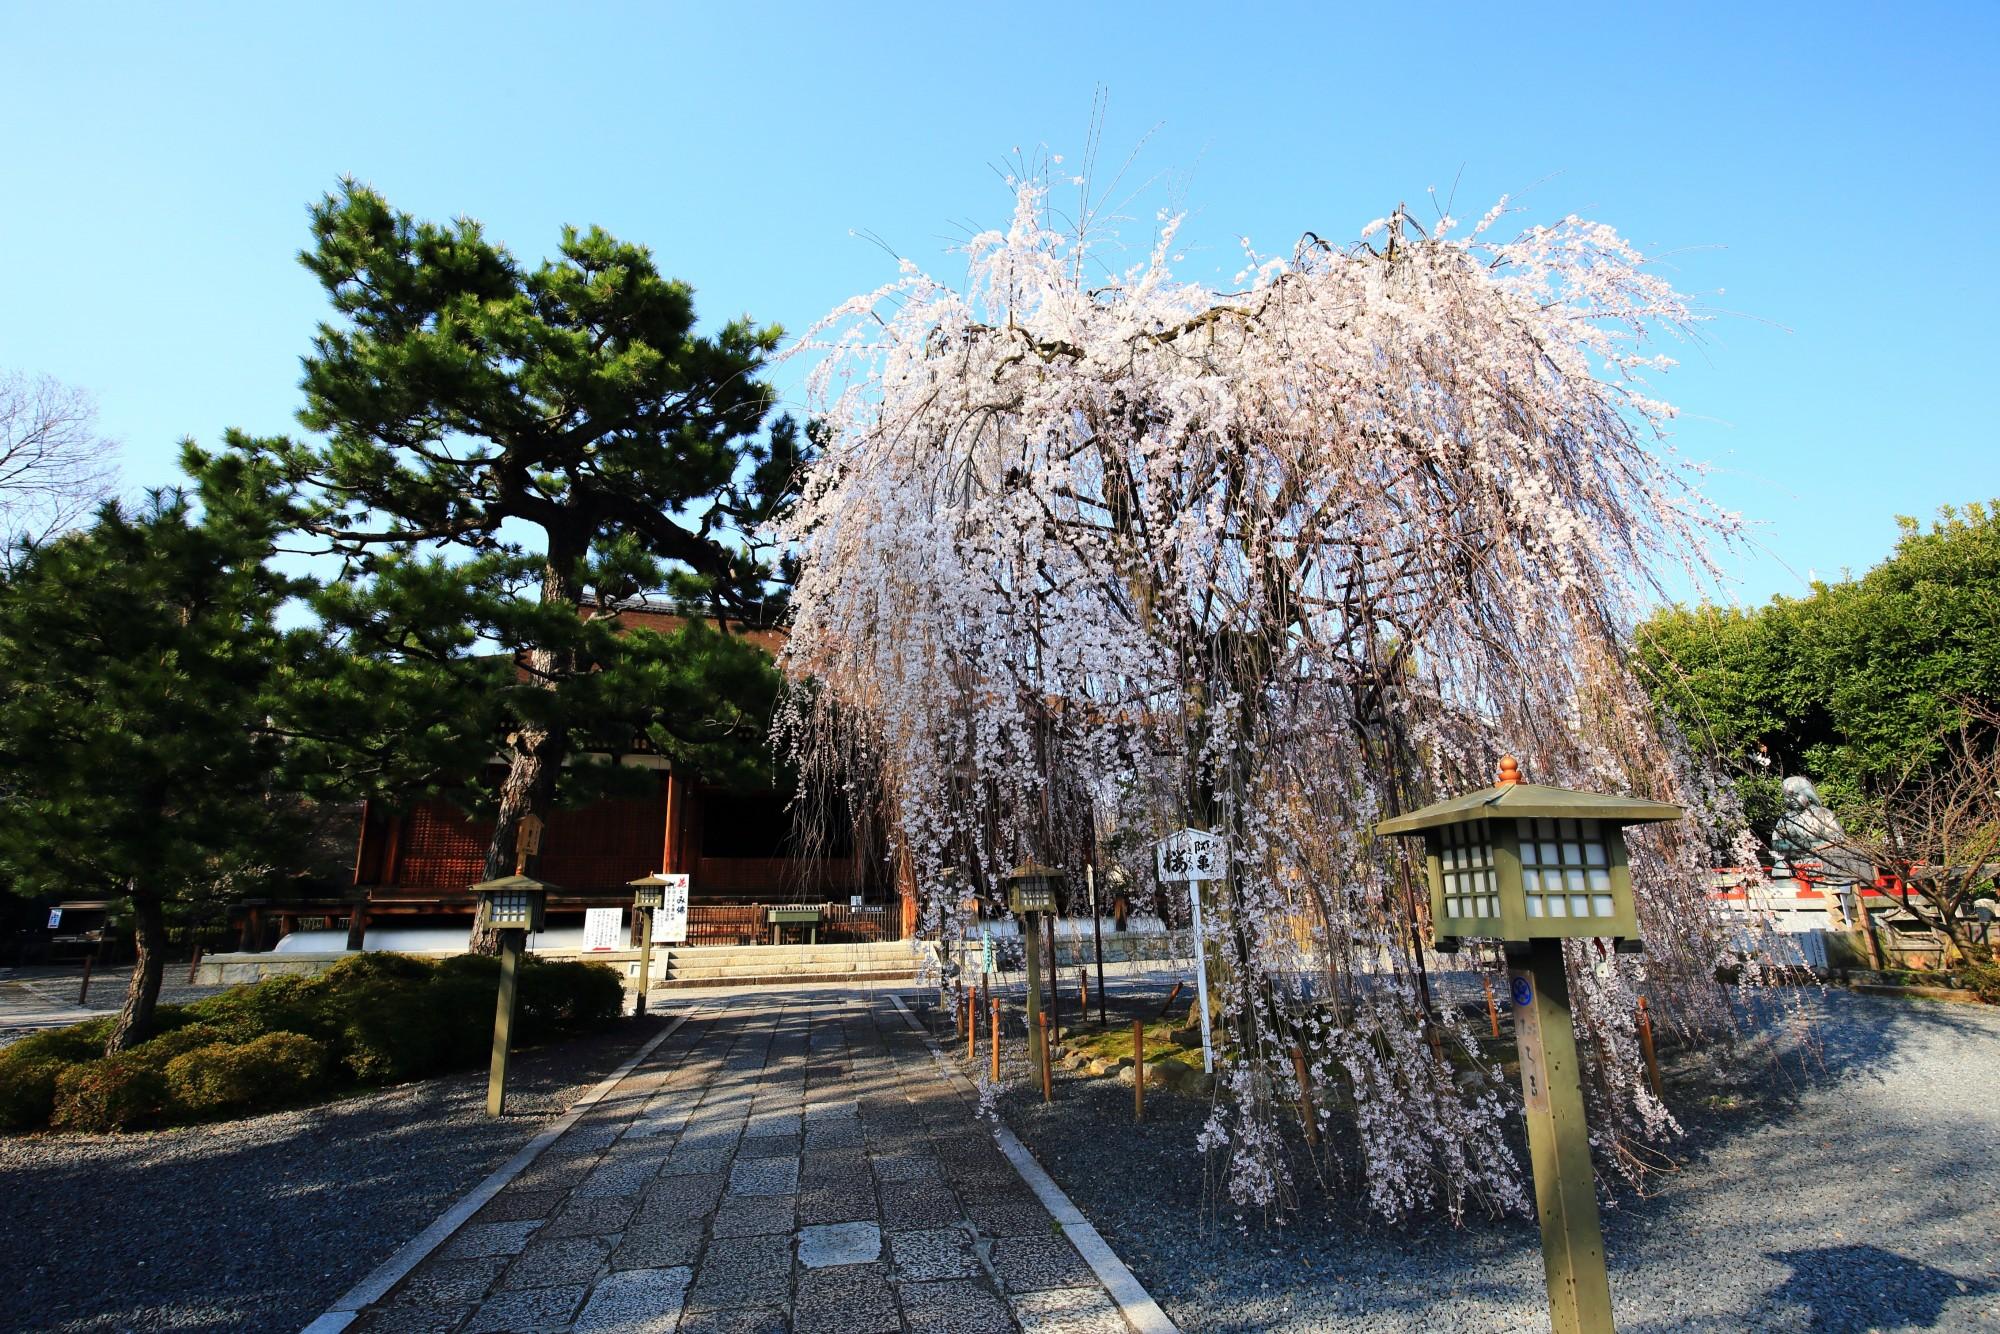 千本釈迦堂 阿亀桜(おかめざくら) しなやかな枝垂れ桜